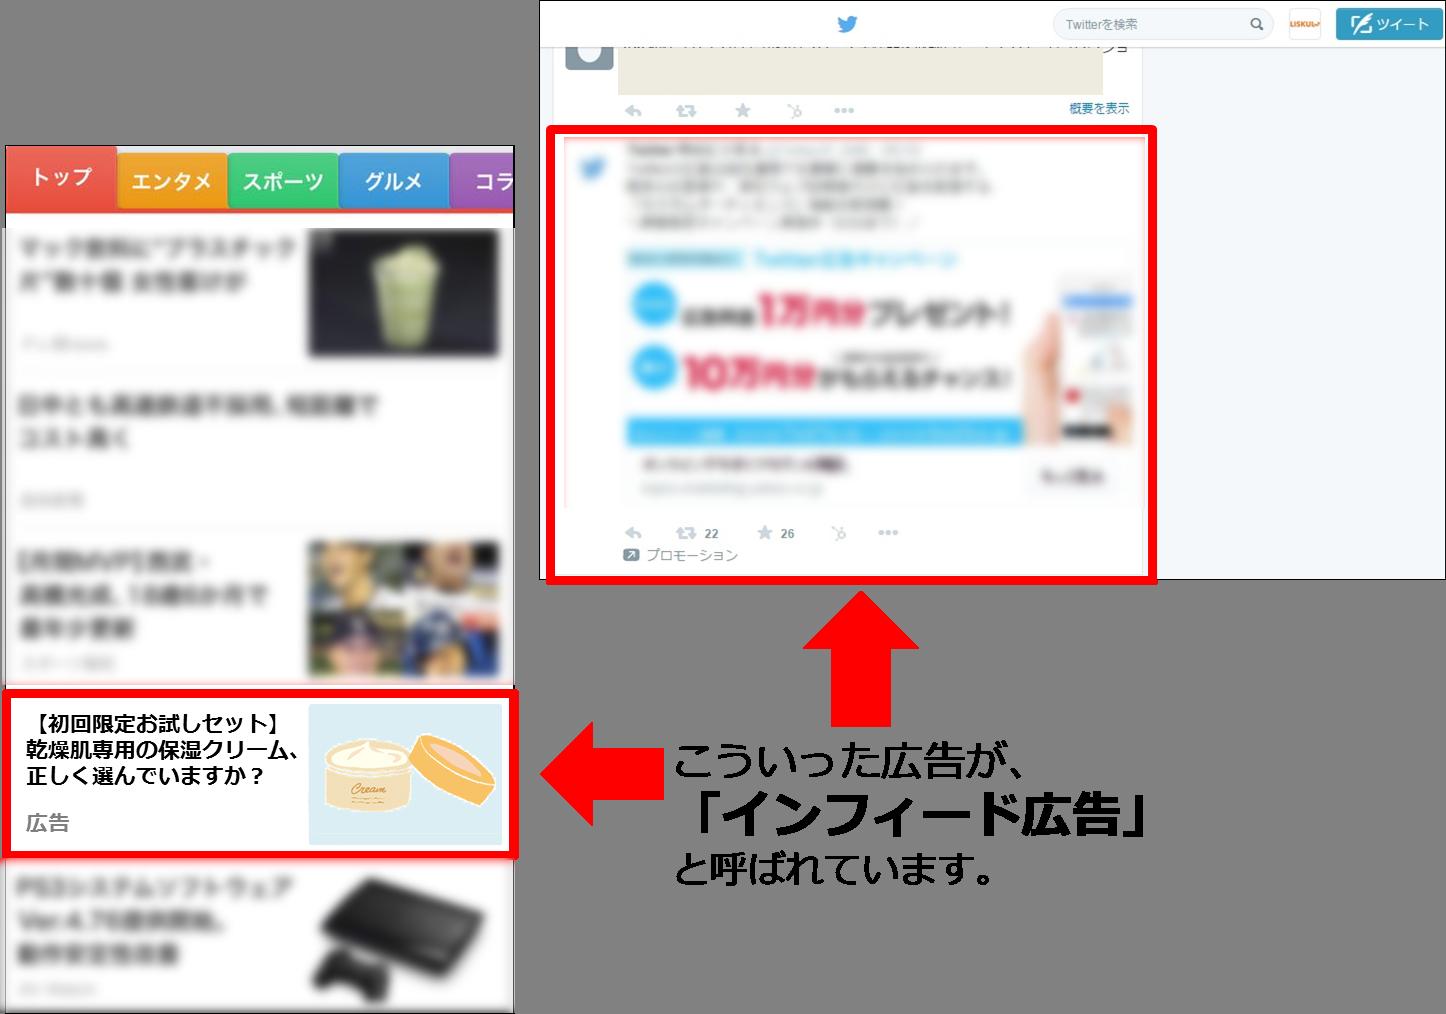 1-インフィード広告とは